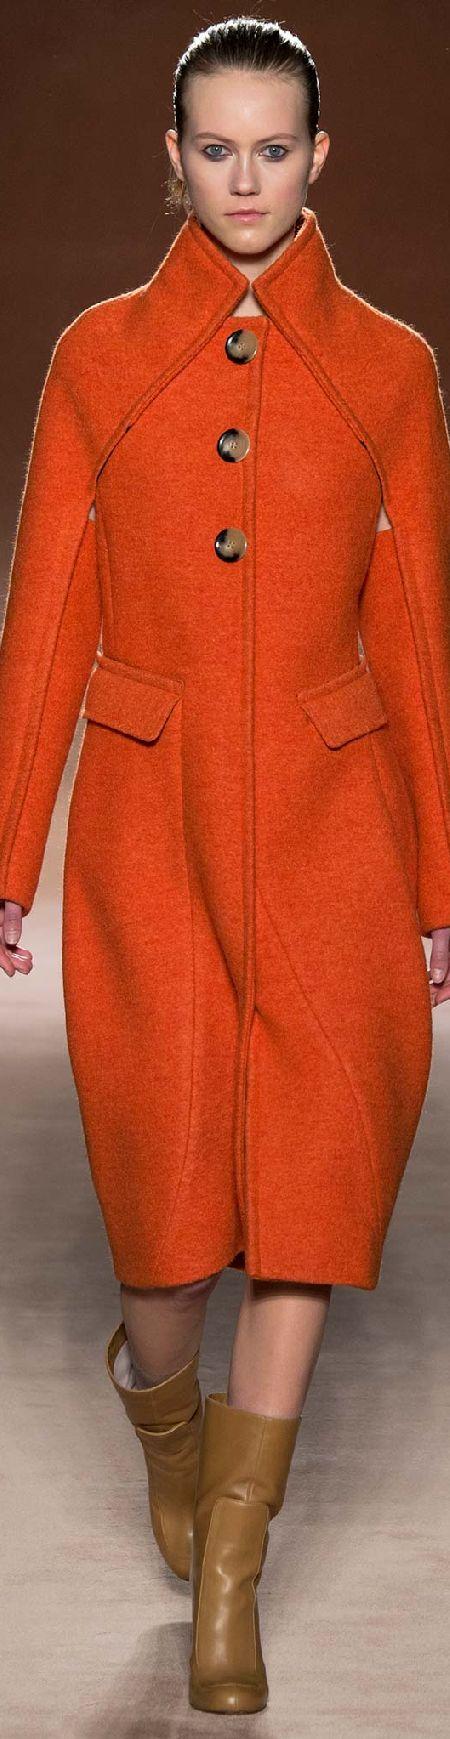 Farb- und Stilberatung mit www.farben-reich.com - Fall 2015 Ready-to-Wear Victoria Beckham